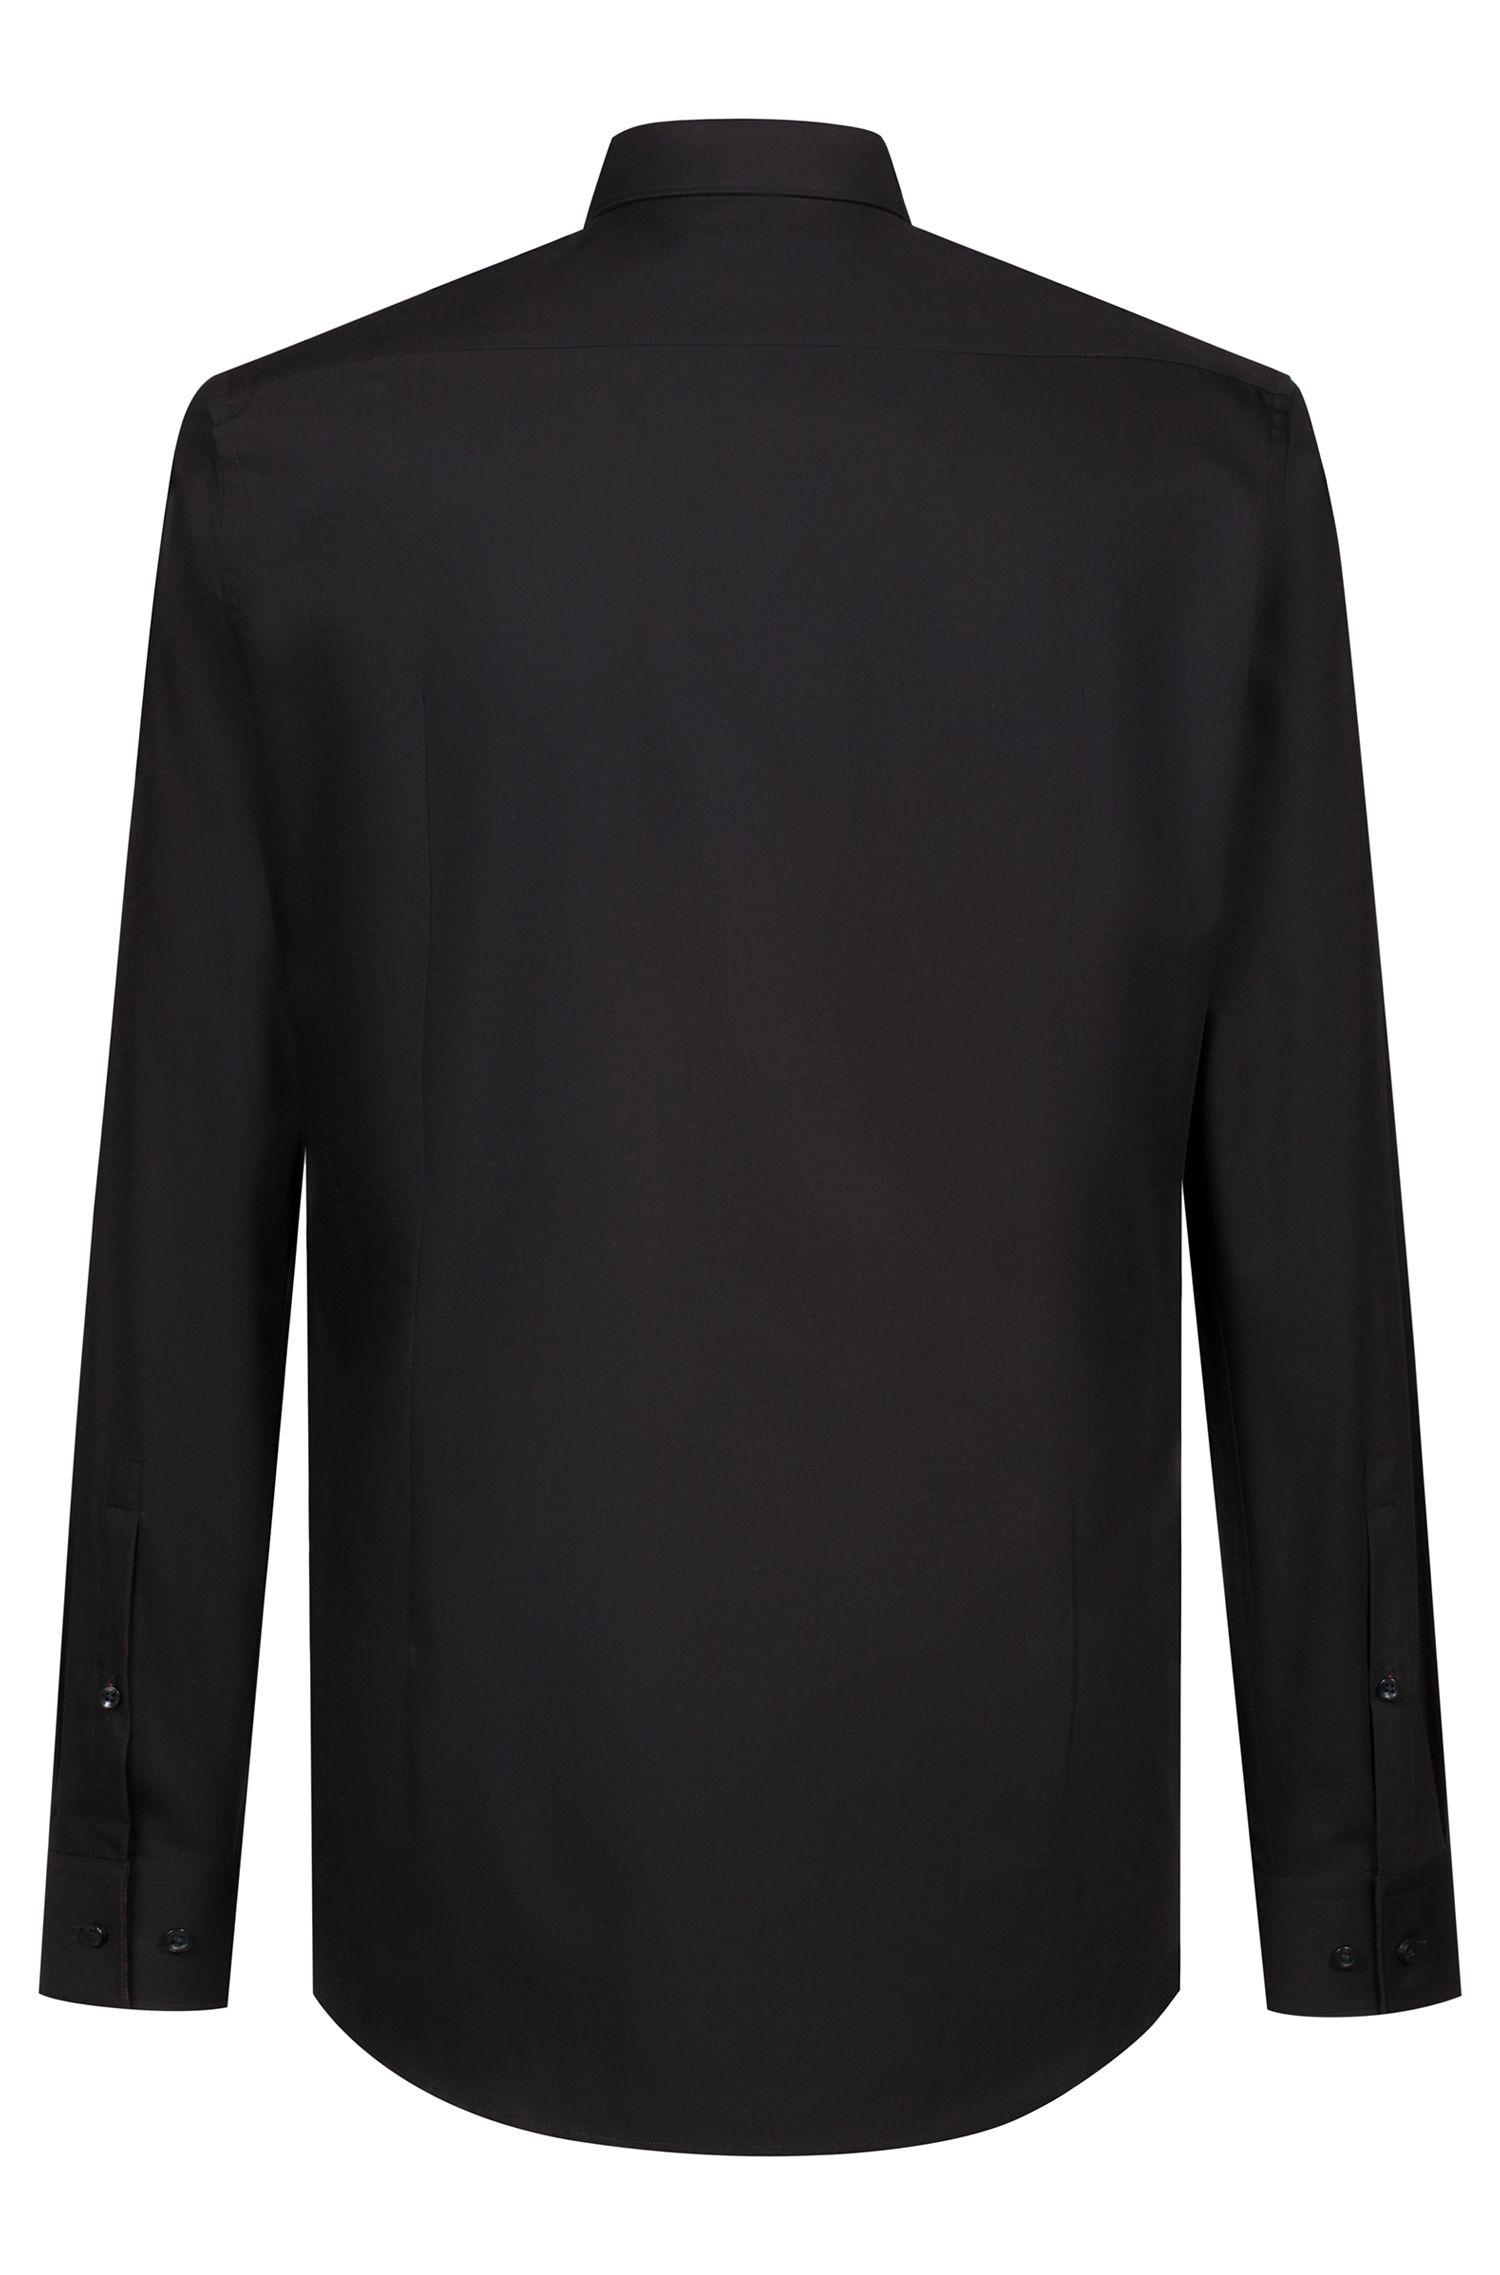 Hugo Boss - Camisa business slim fit en popelín de algodón - 4